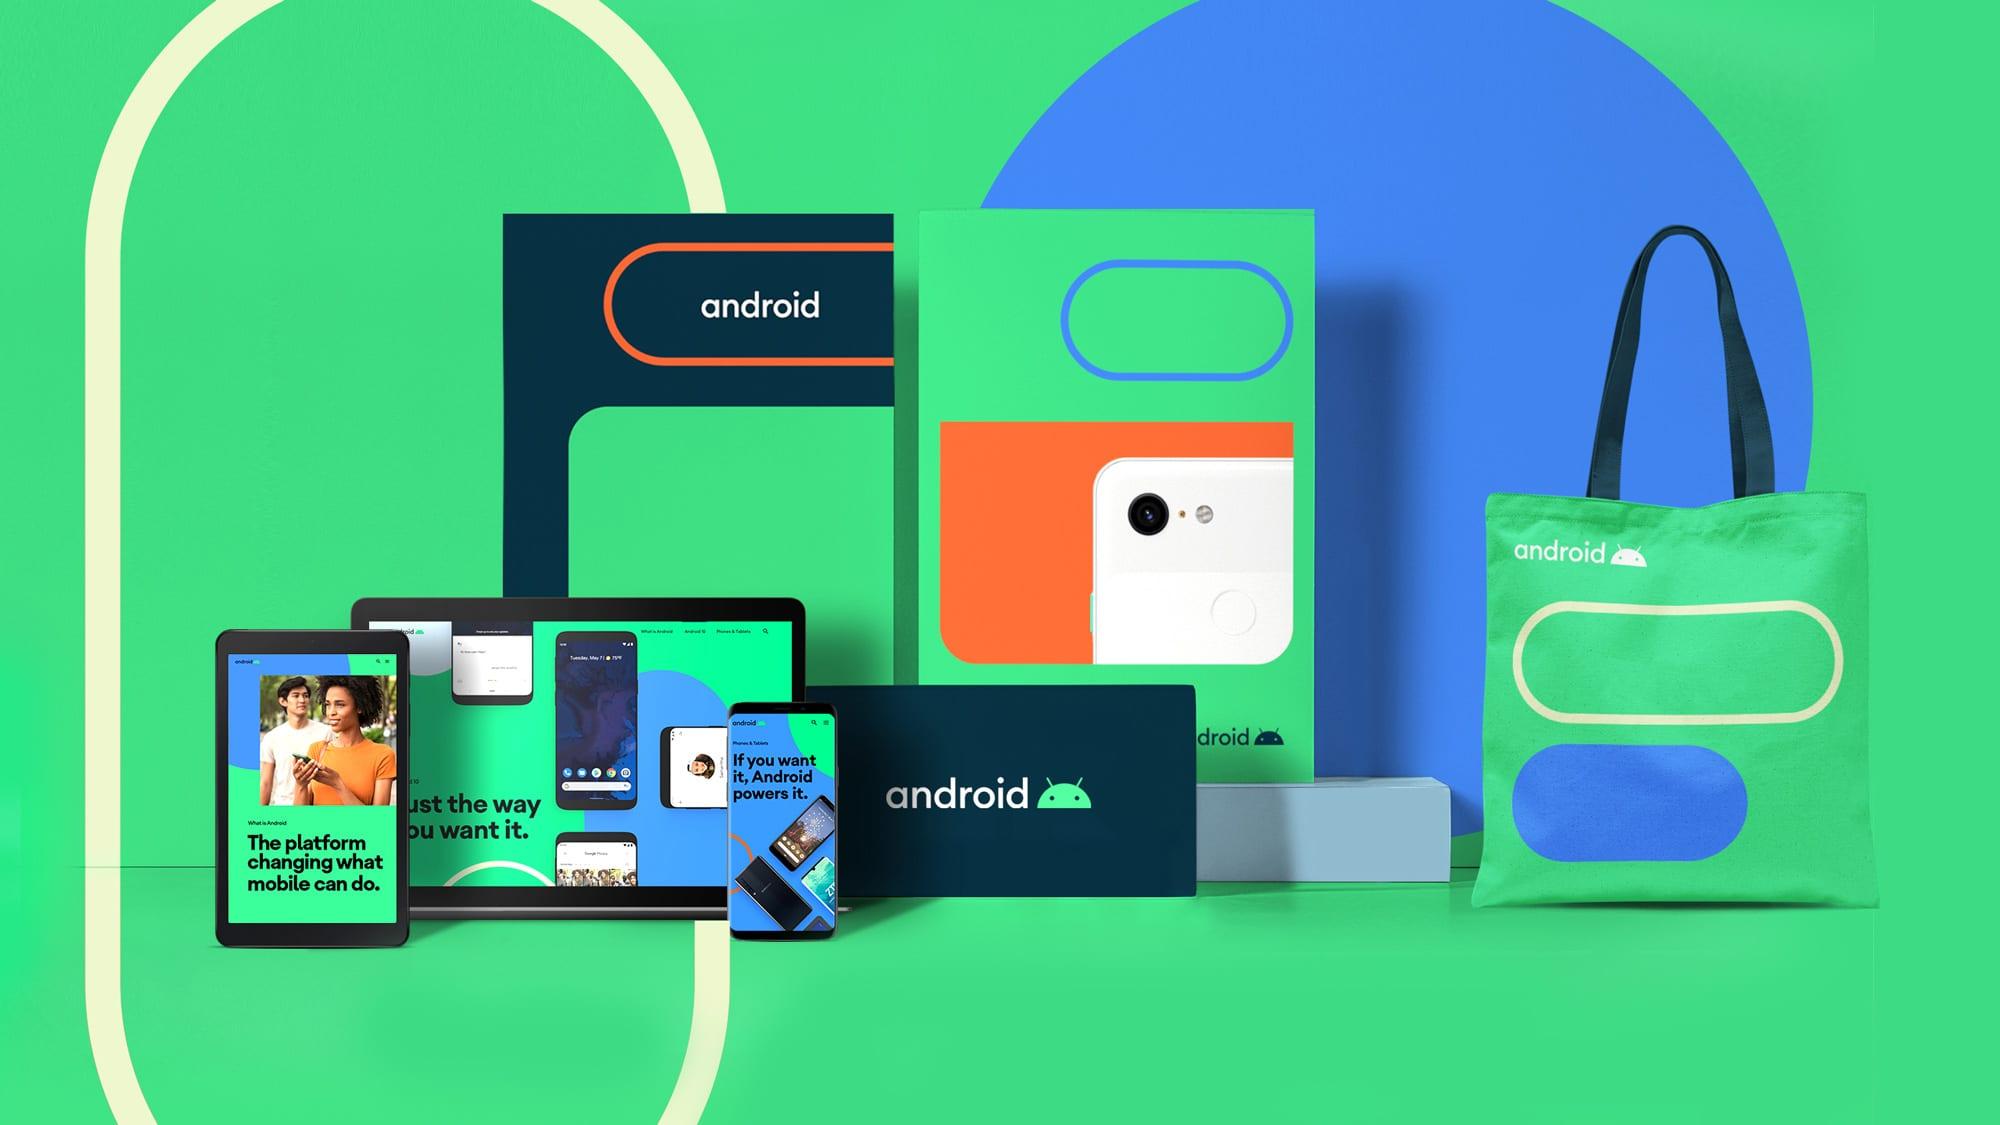 cover 15 - Android má nové logo – stavil na hlavu